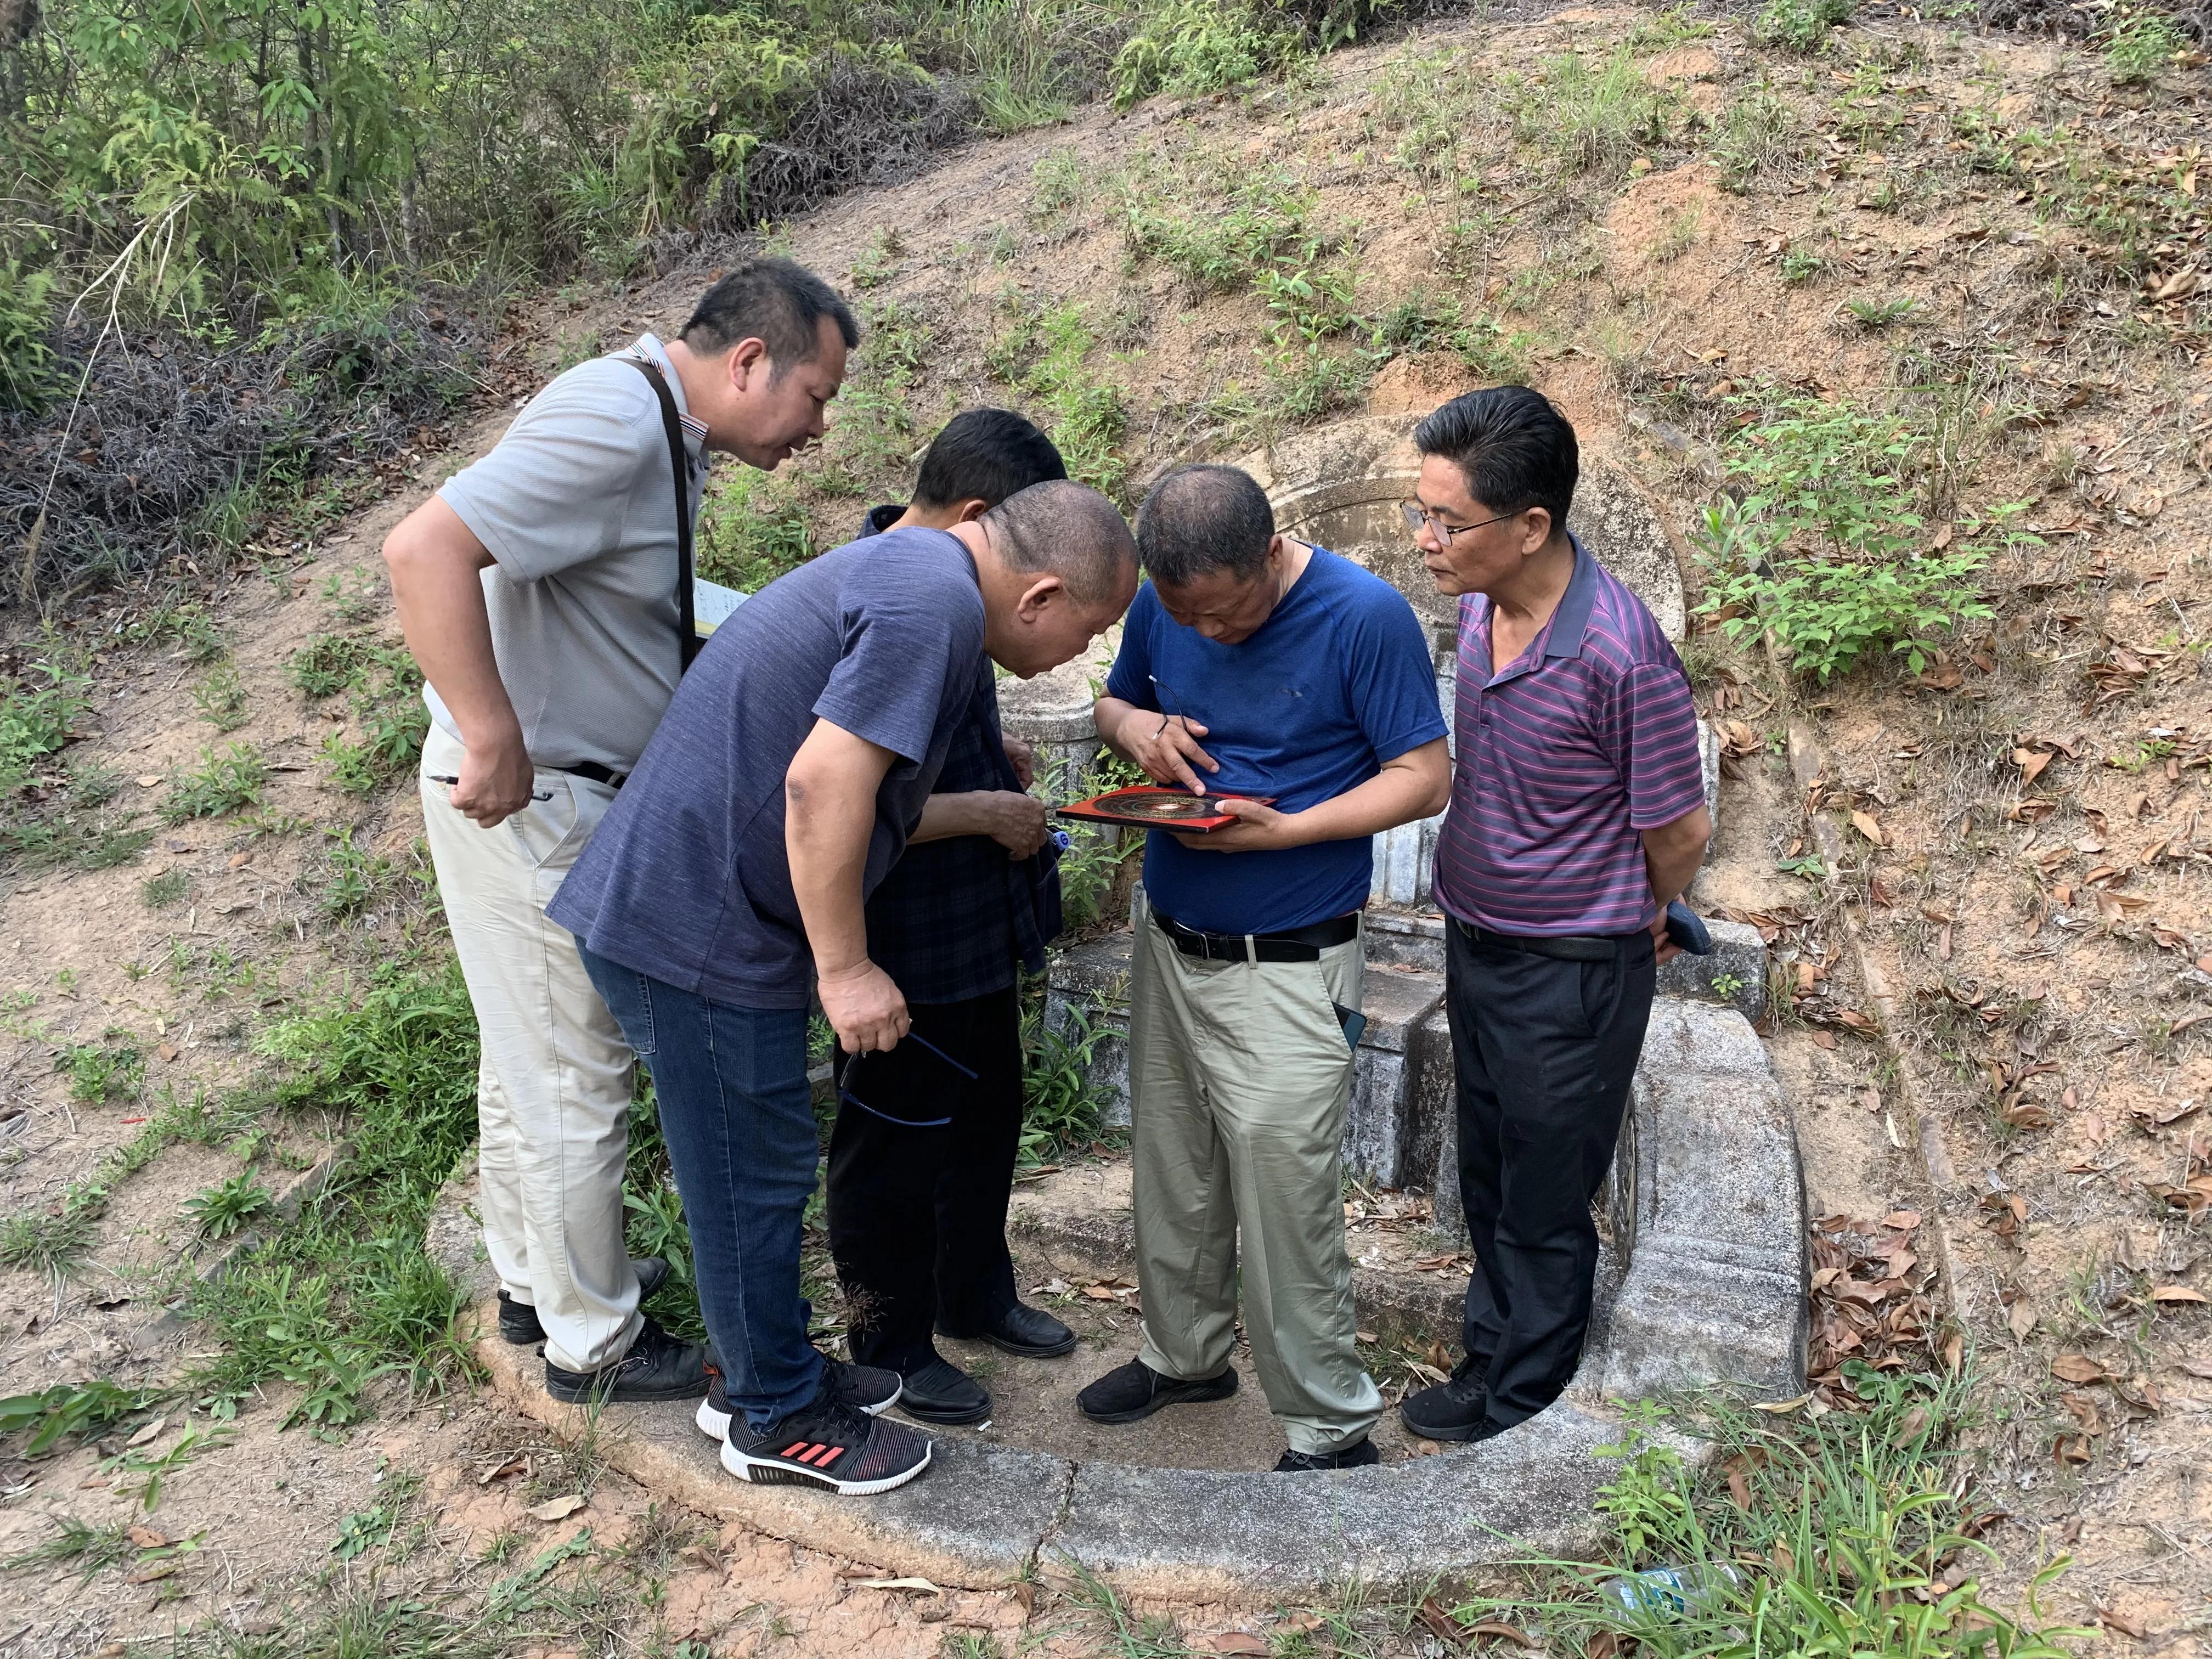 曾祥裕主导的梅州名人名地风水考察活动圆满结束